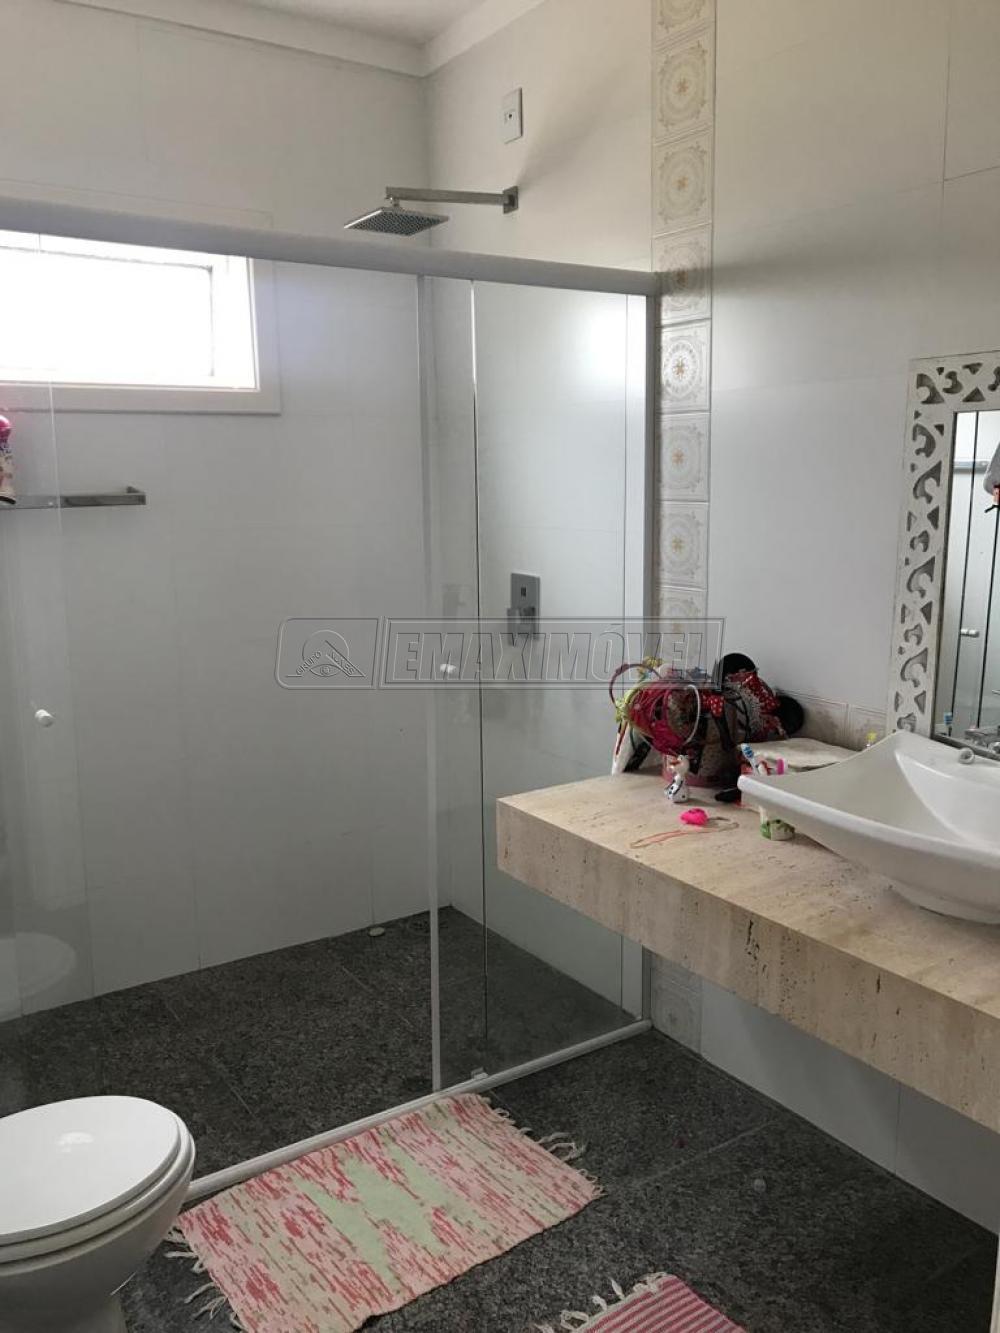 Comprar Casas / em Condomínios em Sorocaba apenas R$ 1.850.000,00 - Foto 19